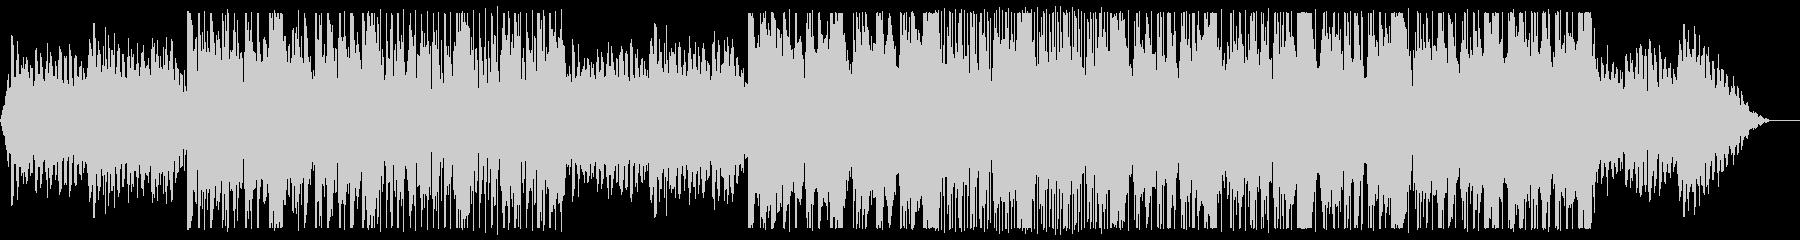 Lo-Fiなエレピが印象の曲の未再生の波形